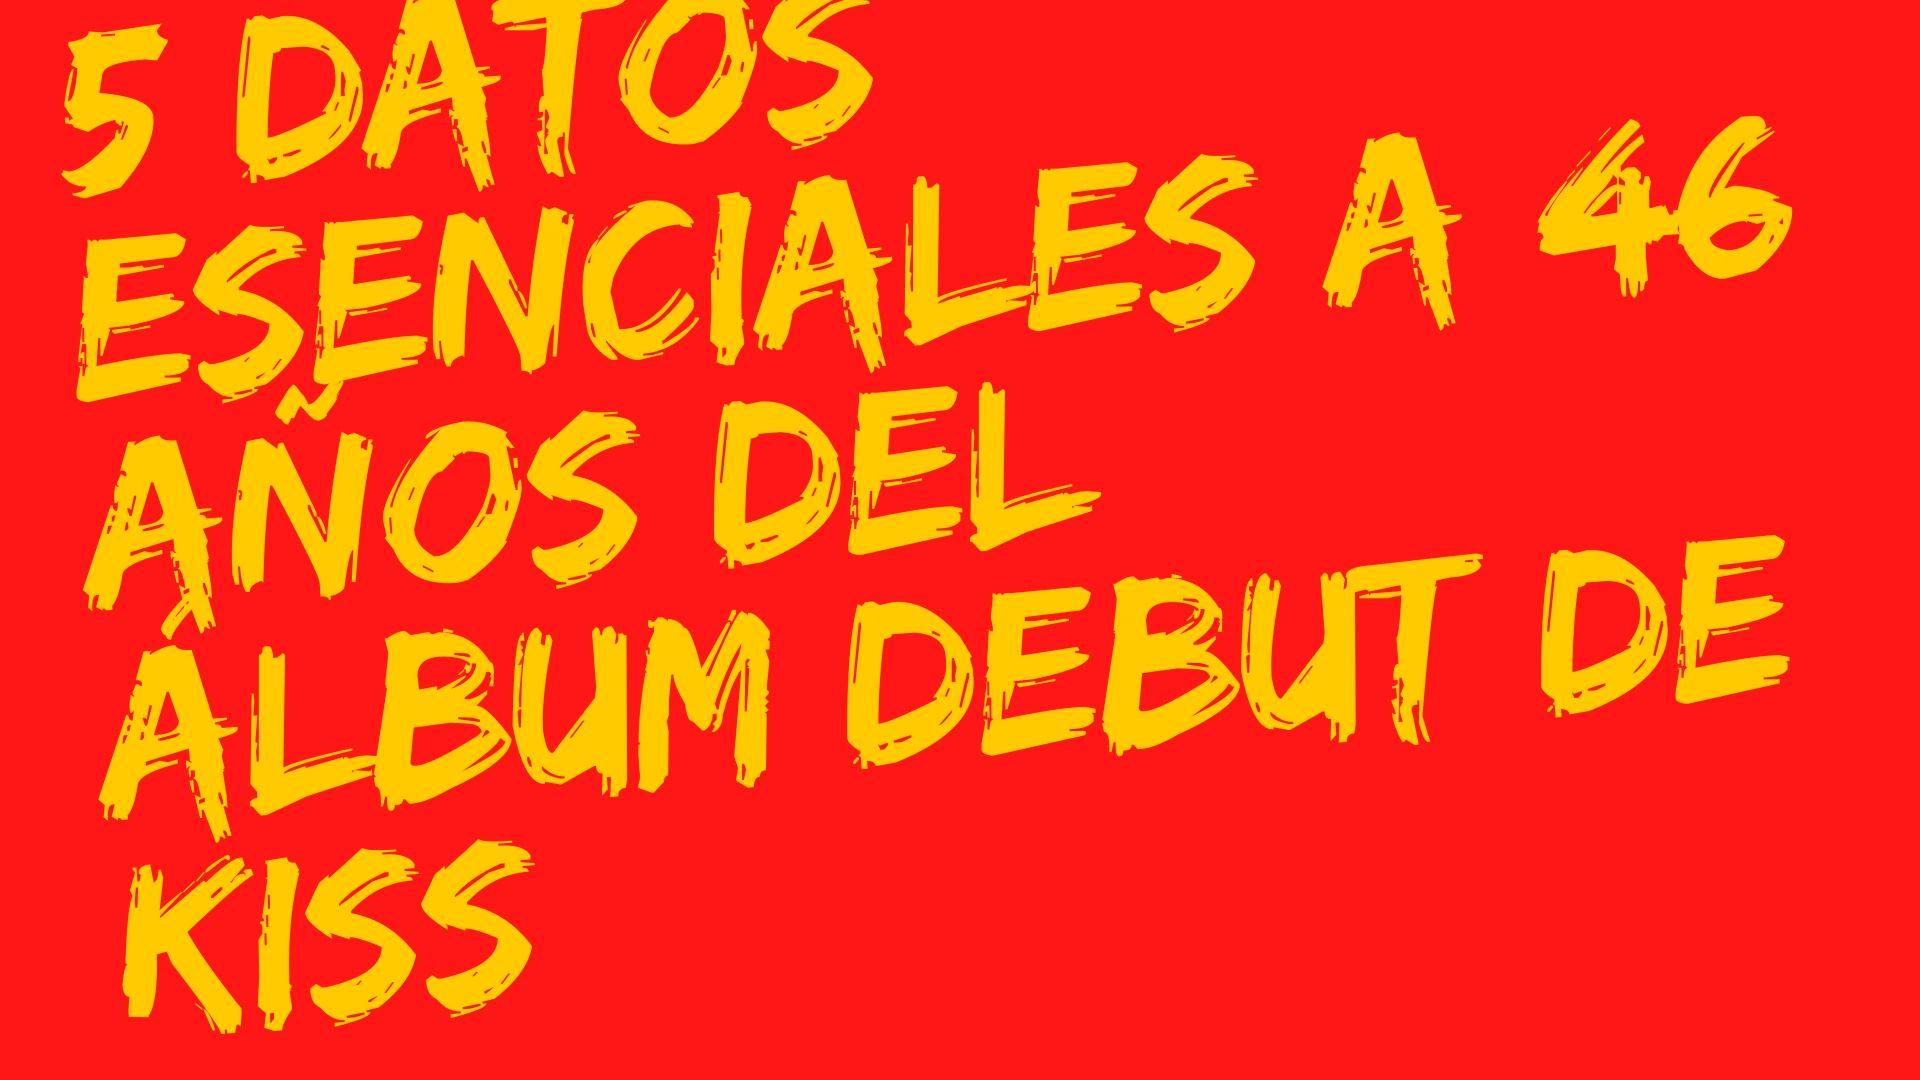 5 datos esenciales a 46 años del Álbum debut de KISS